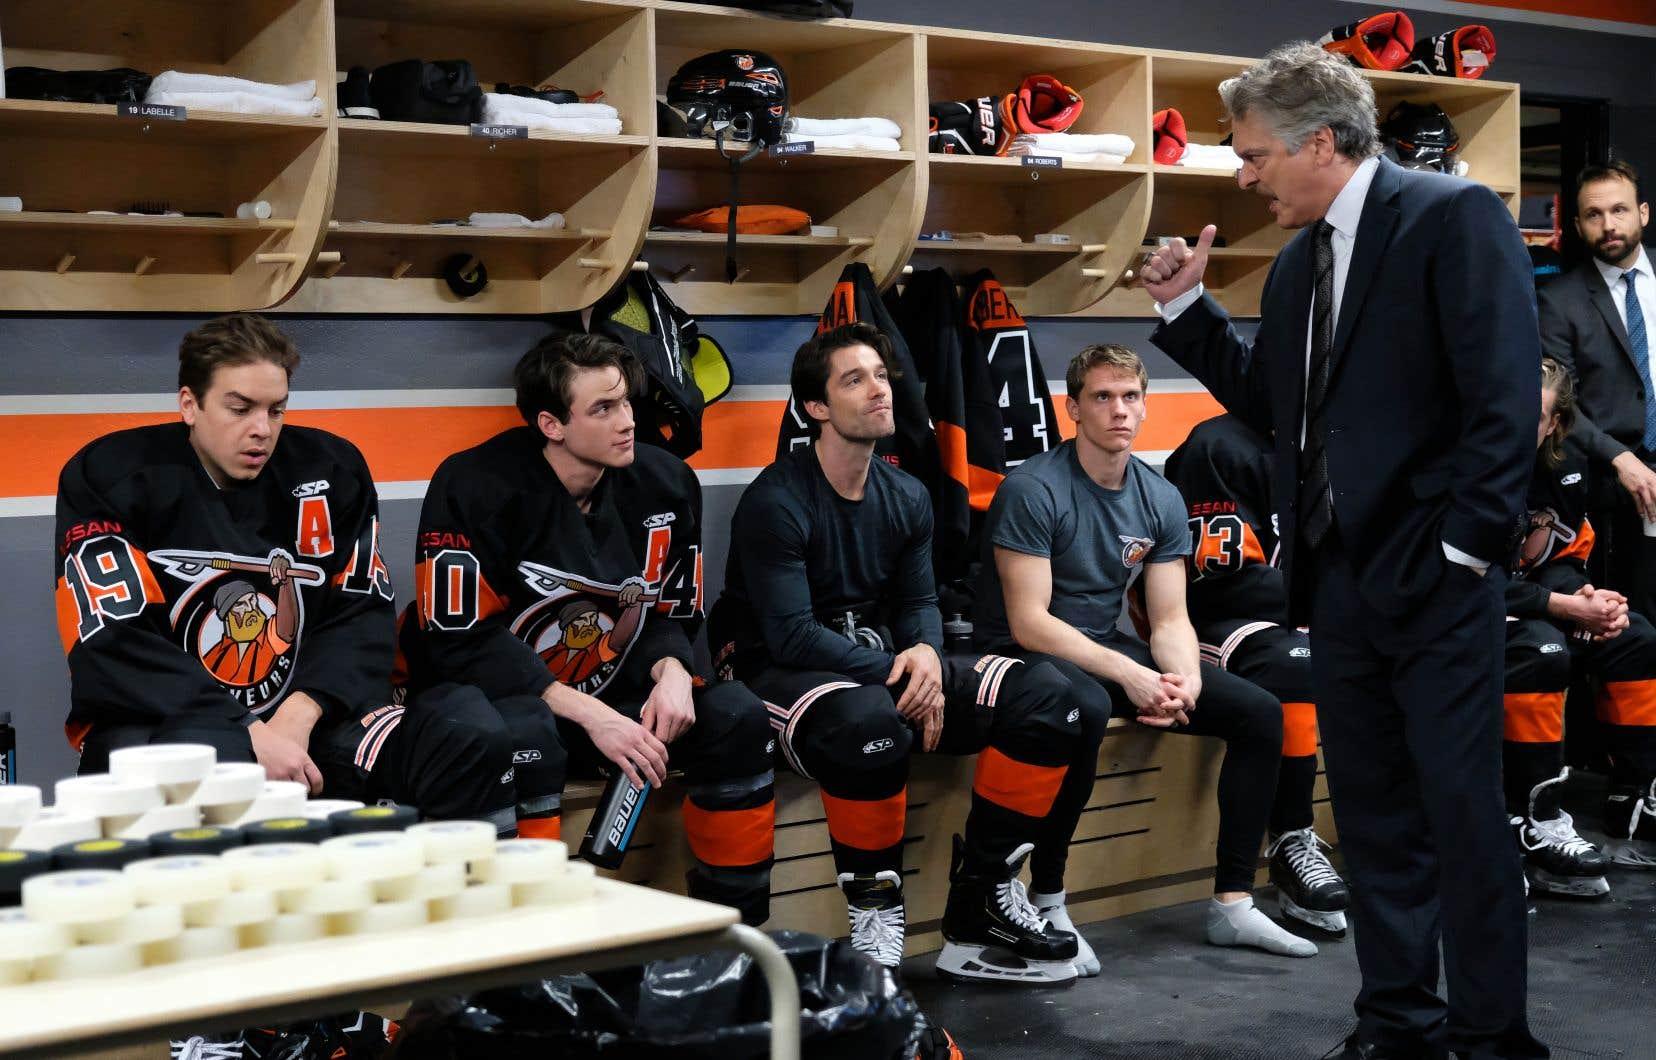 «Demain des hommes» s'attarde à un groupe de hockeyeurs adolescents rassemblés dans l'équipe fictive des Draveurs de Montferrand, qui évolue dans une tout aussi fictive ligue junior élite.